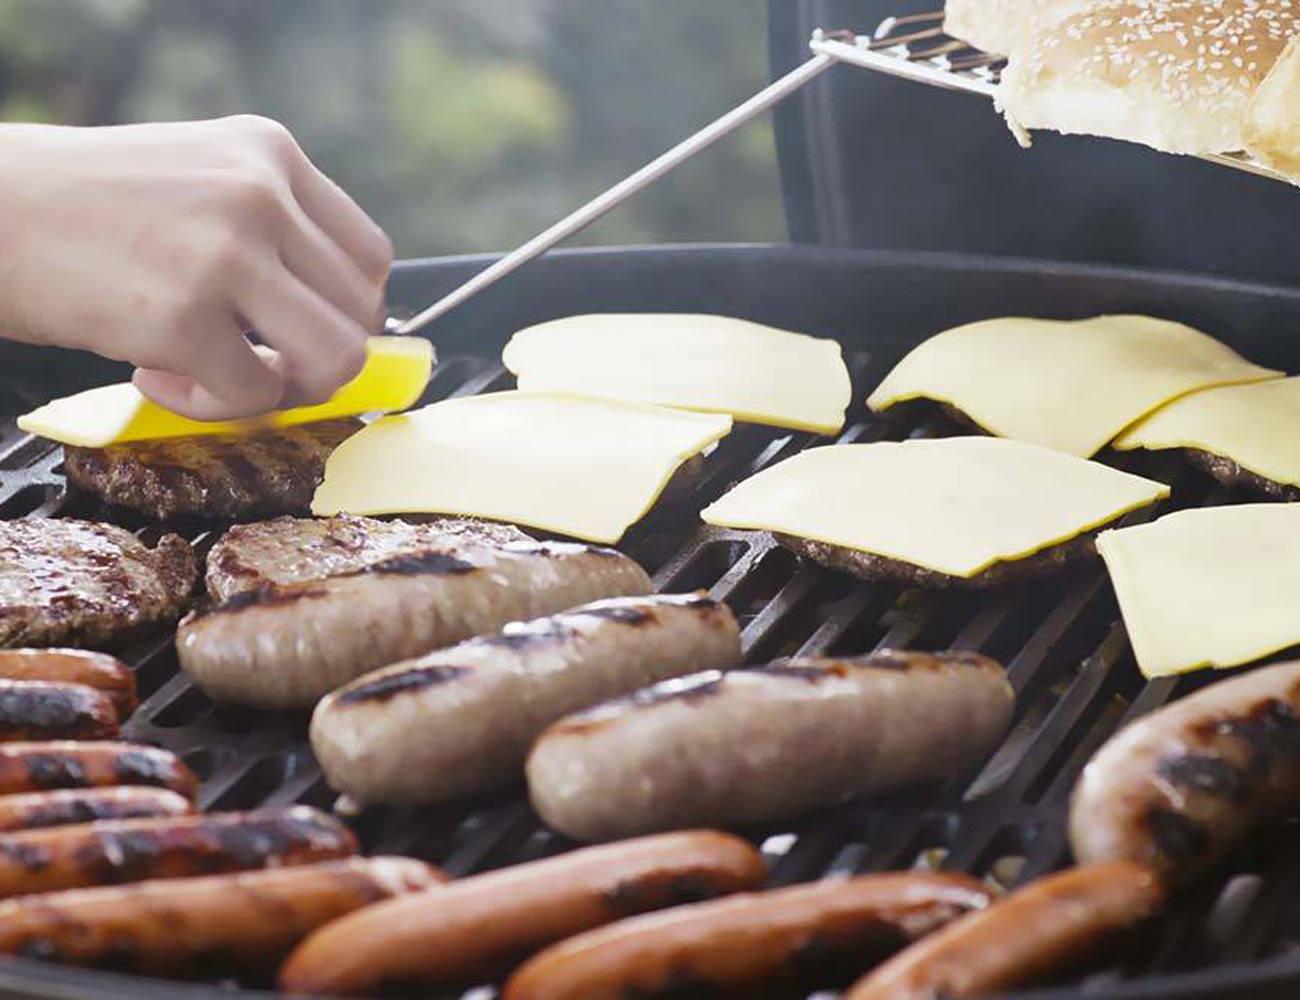 Fuego Professional F24C Premium Patio Grill